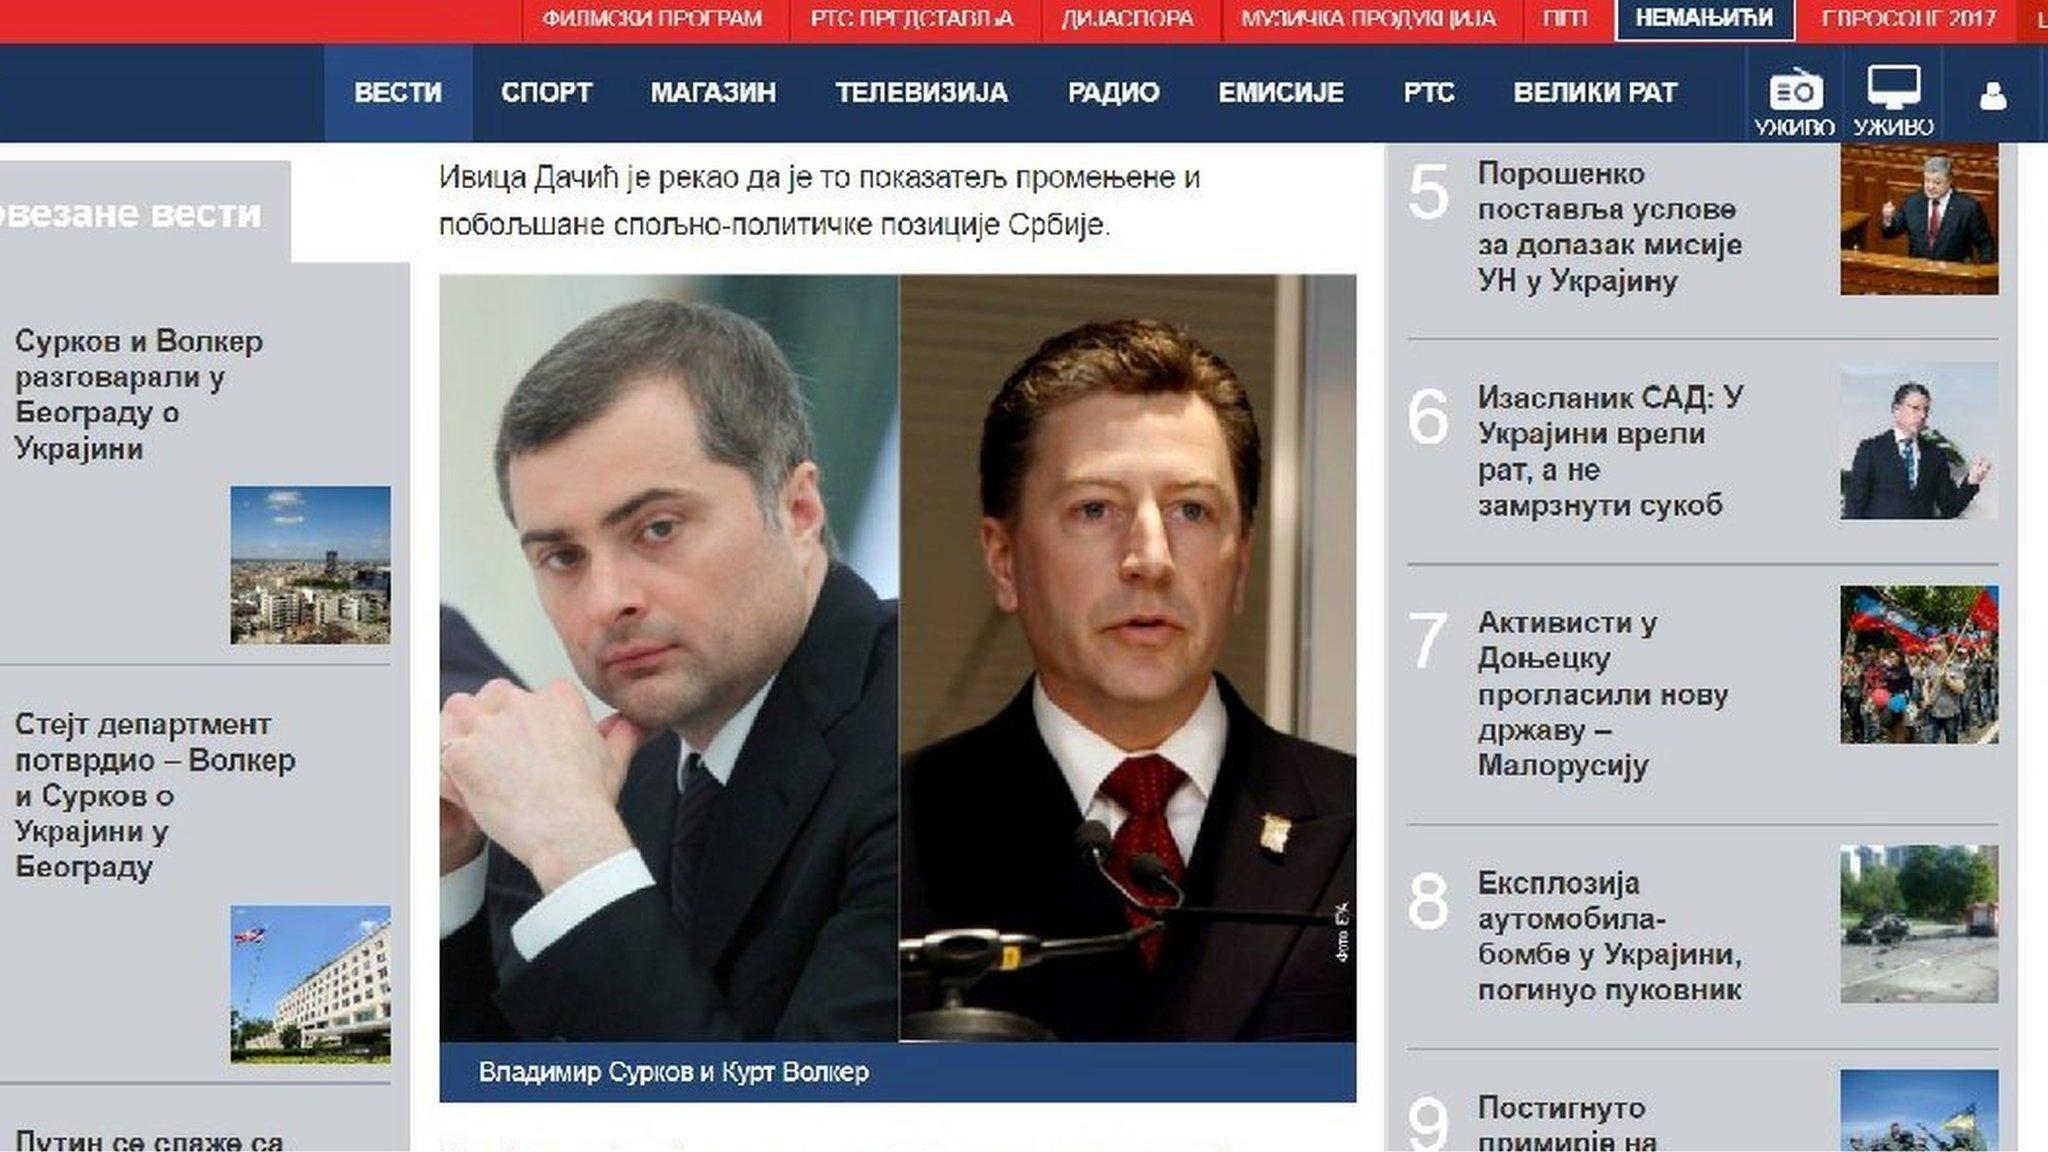 Таємно і без подробиць - ЗМІ Сербії про зустріч Суркова і Волкера